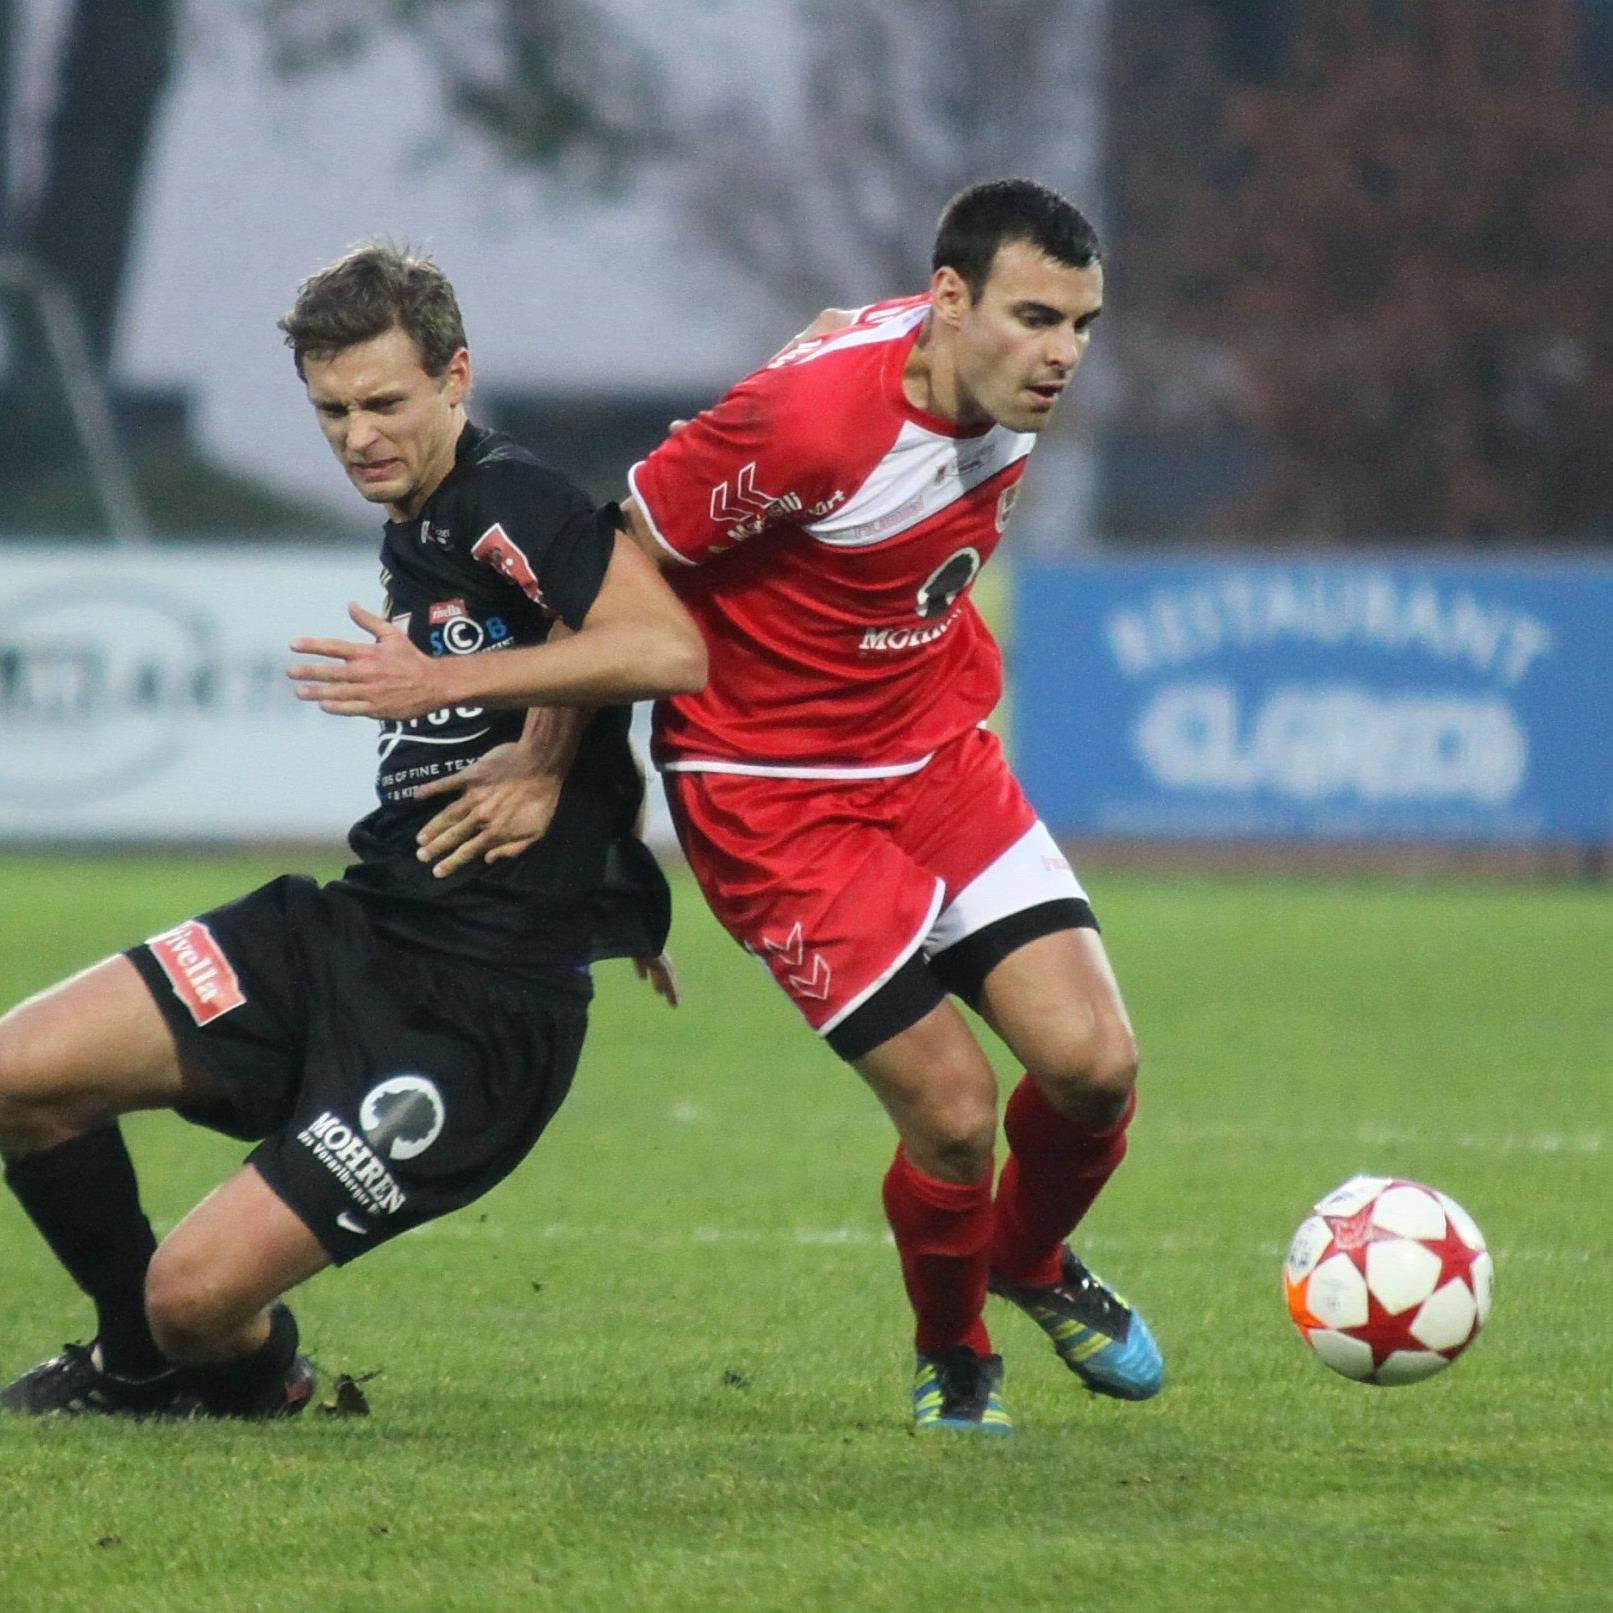 Dornbirn spielt am 11. Februar gegen Bregenz.